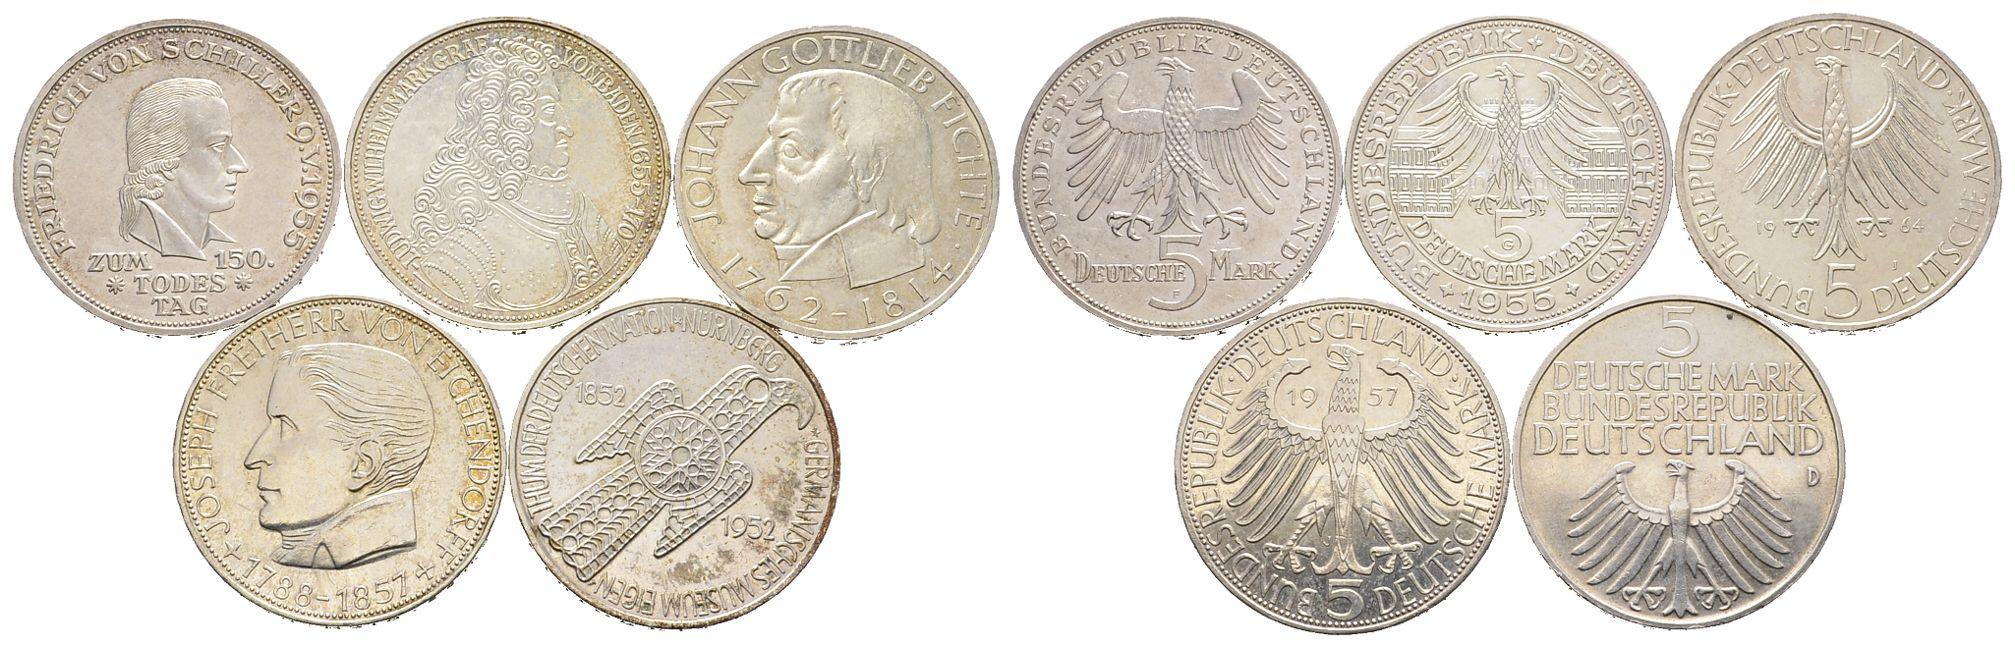 Serie Der Ersten Fünf 5 Dm Gedenkmünzen J 388 1952